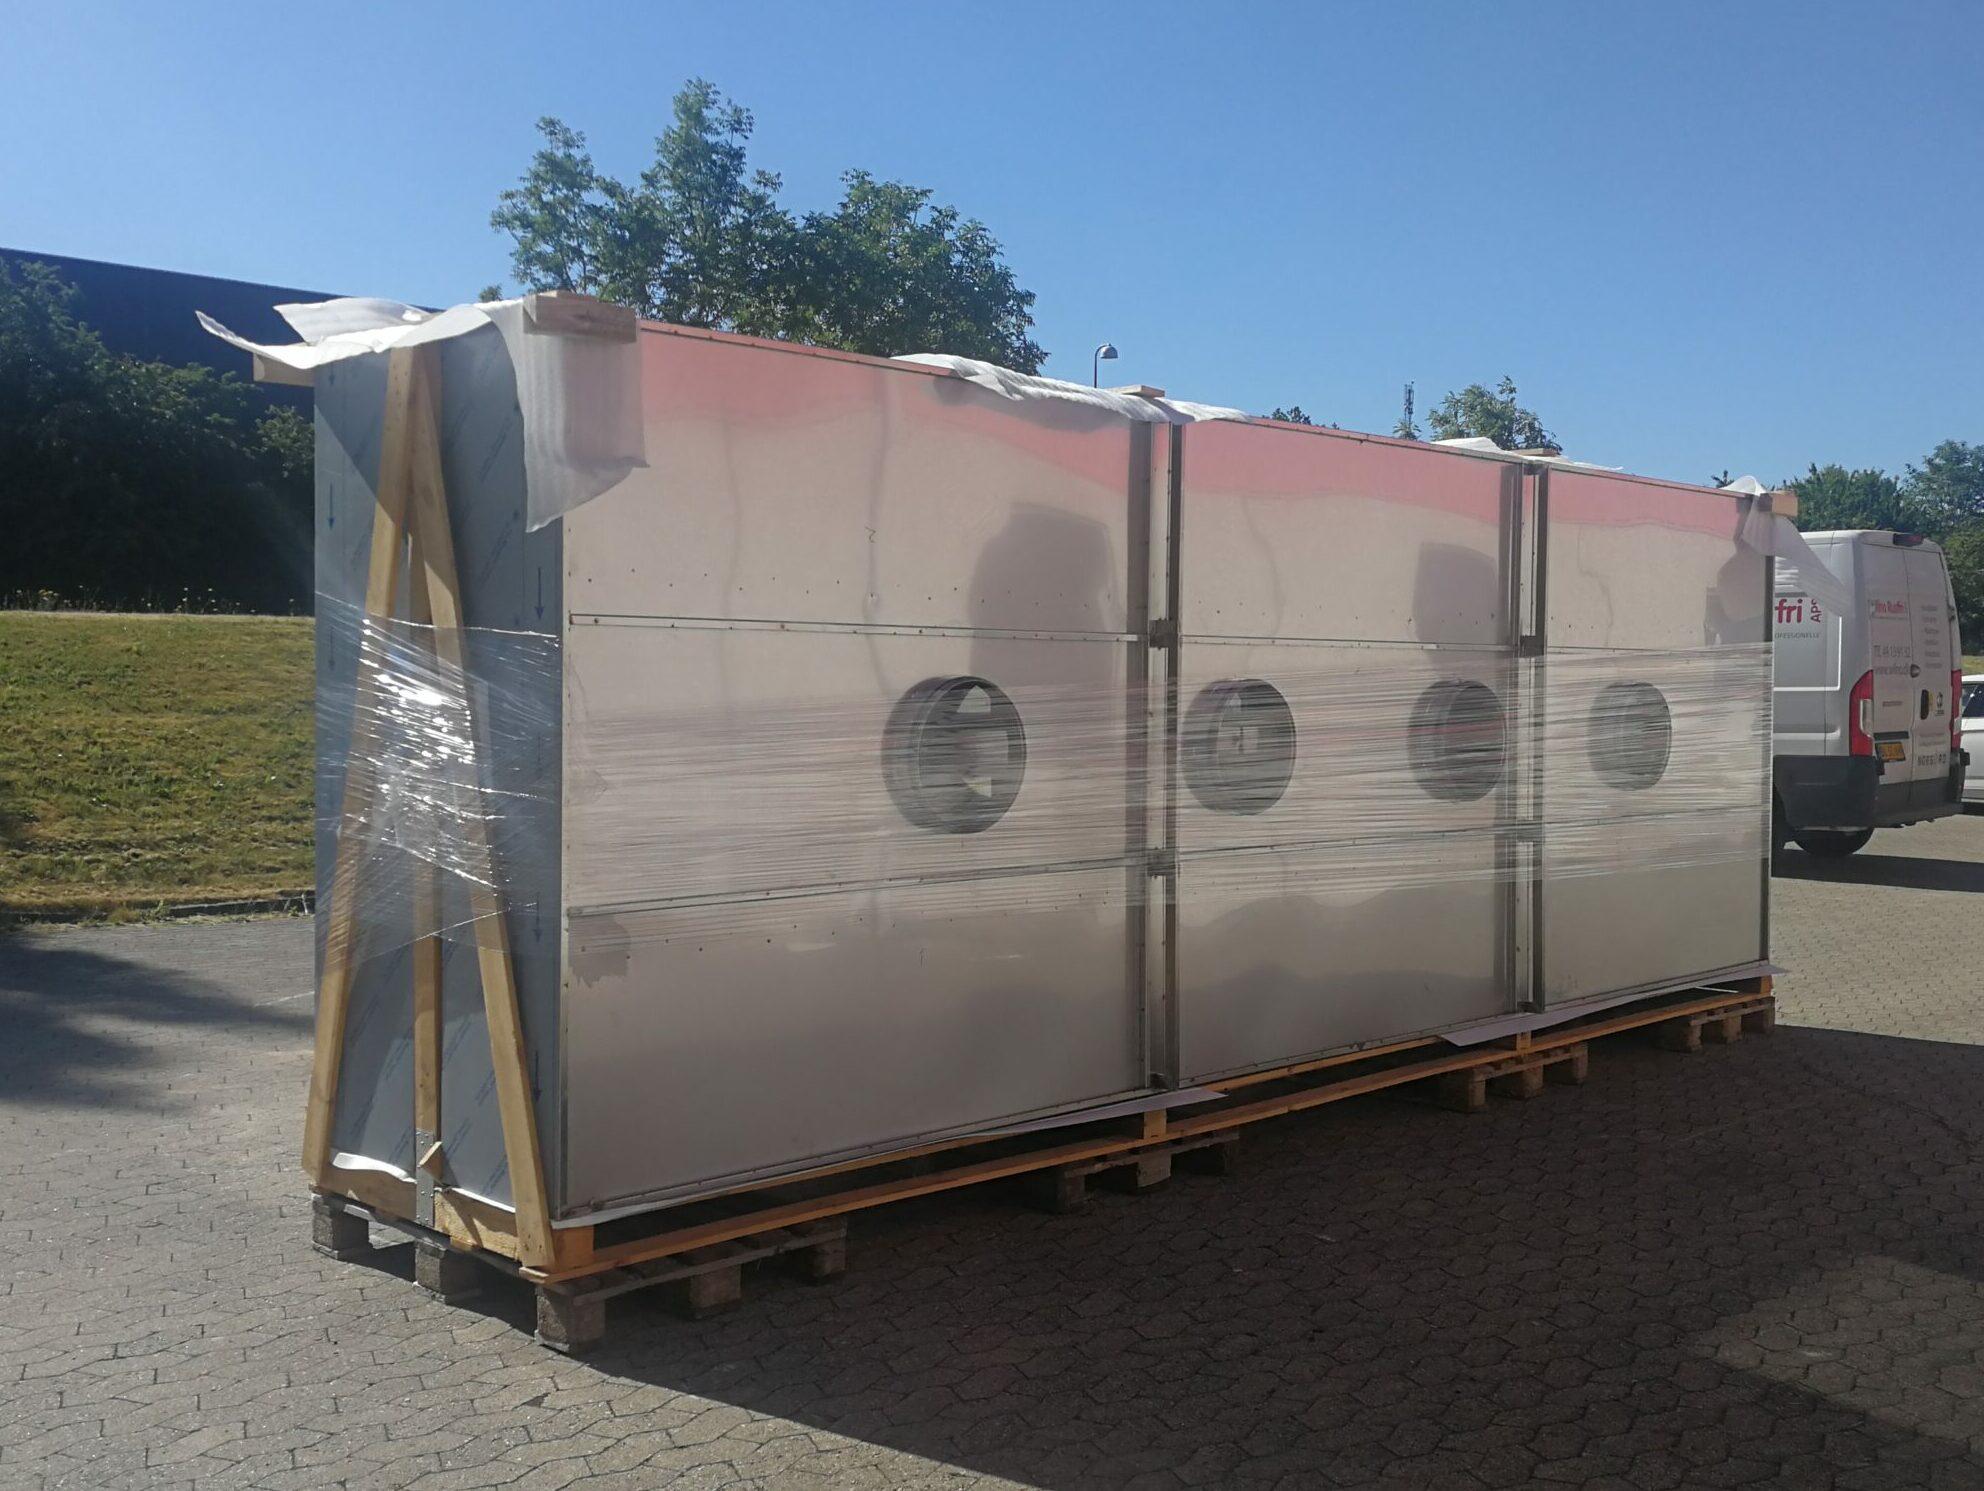 Wilno Rustfri ApS - 2 stk Industri emhætter 2 x 6 meter klar til levering